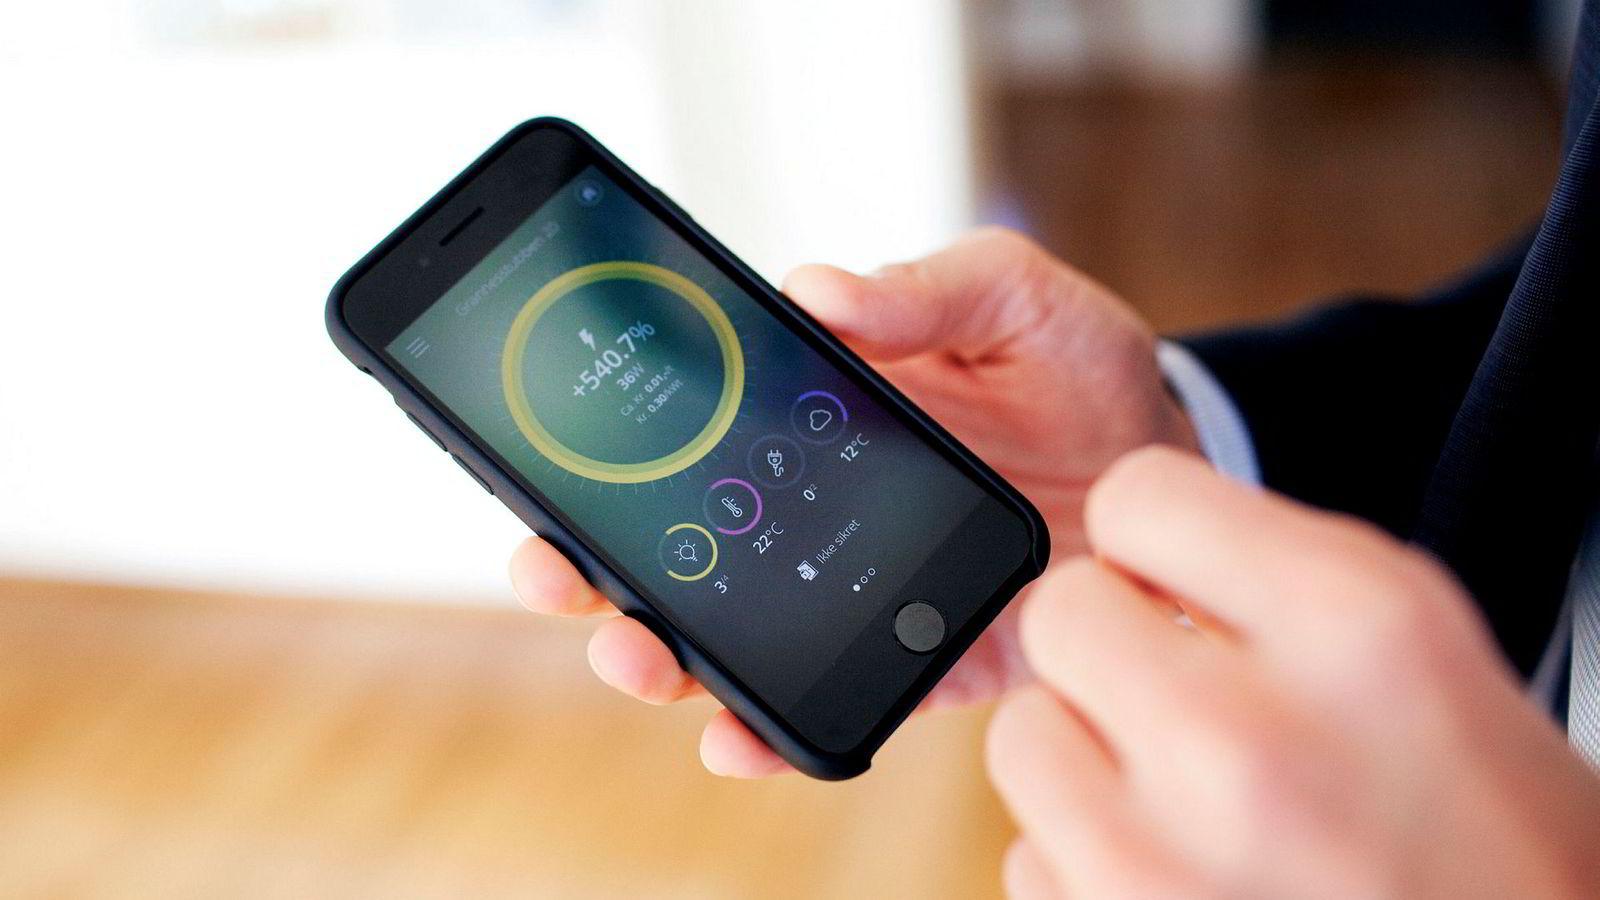 Flere leverandører tilbyr smarthusteknologi som lar deg styre flere av hjemmets funksjoner vi mobilapp.